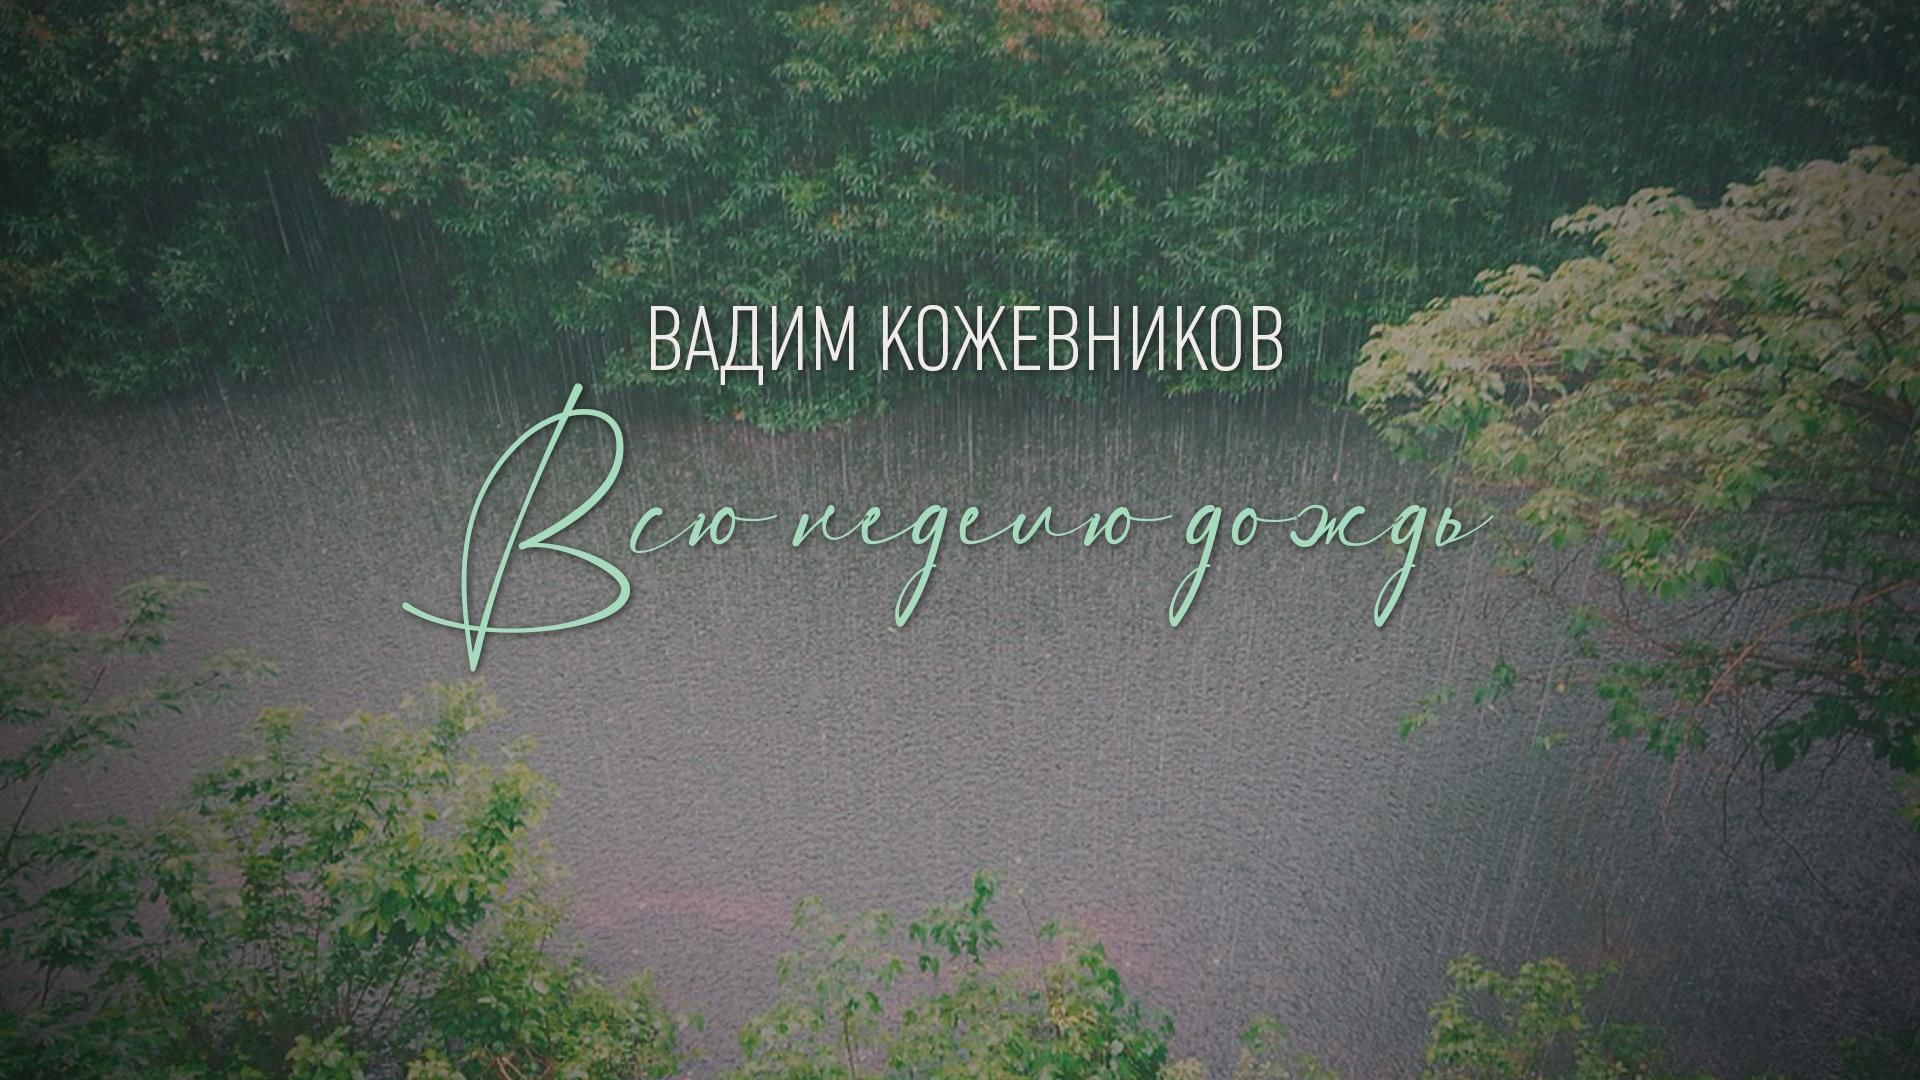 Вадим Кожевников. Всю неделю дождь